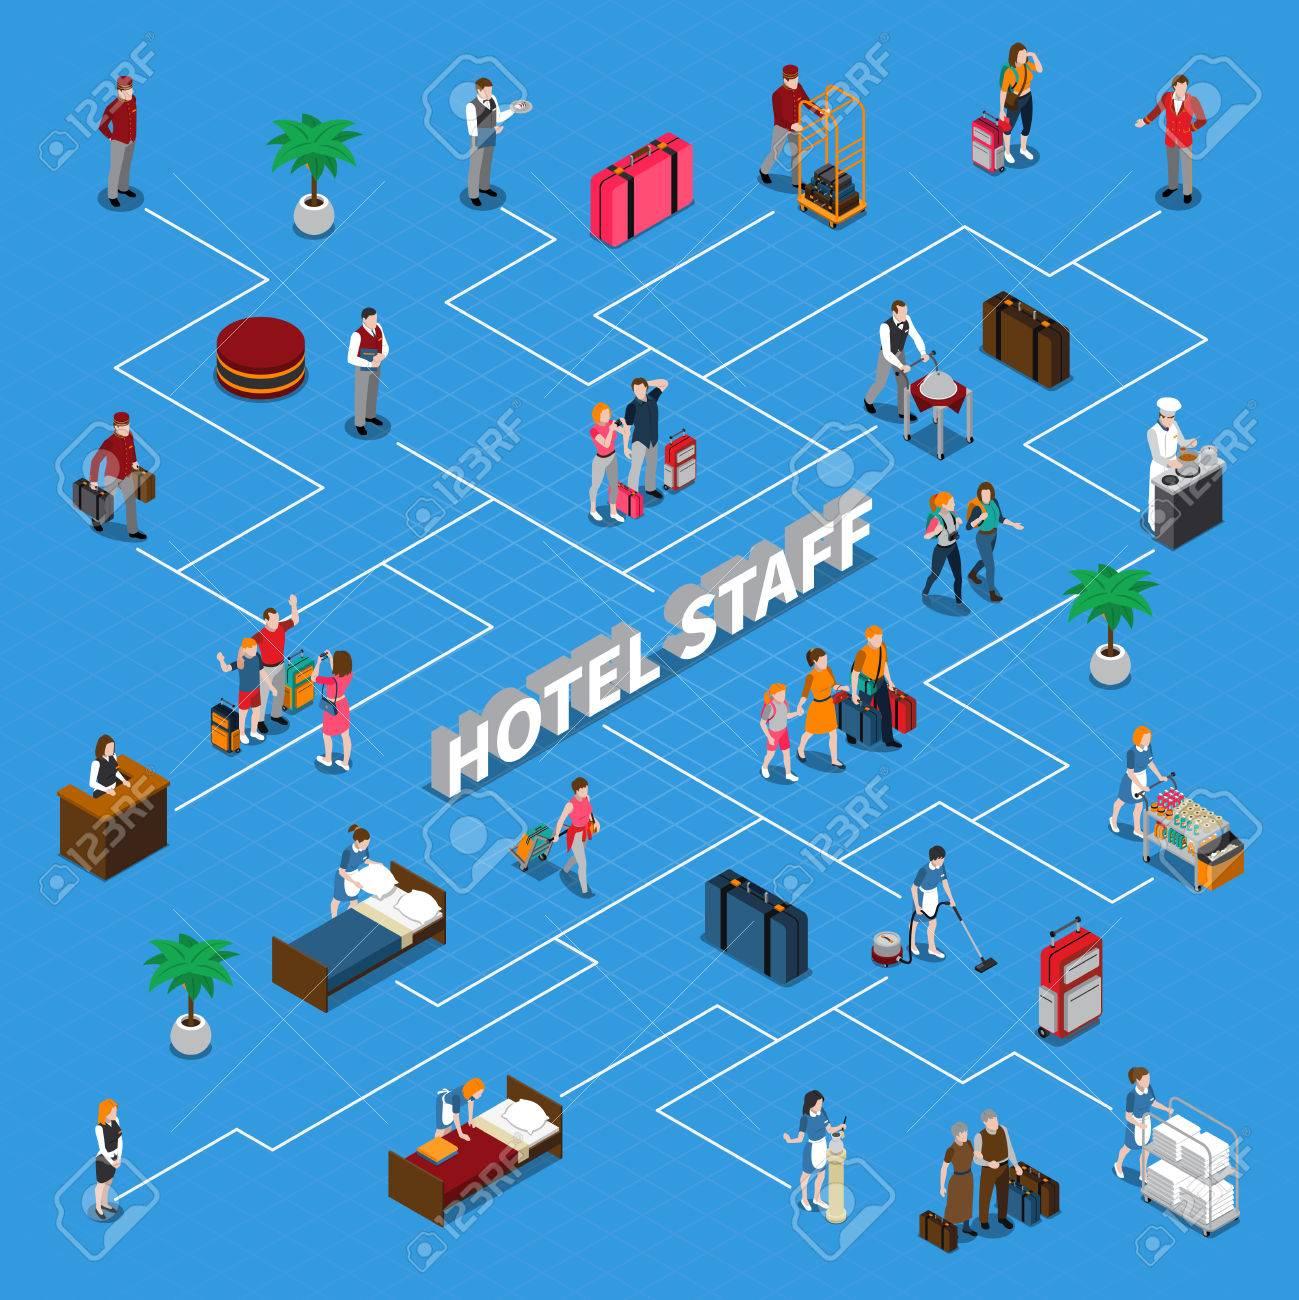 Diagrama de flujo isomtrico con el personal del hotel incluido el diagrama de flujo isomtrico con el personal del hotel incluido el chef maids porteros de ccuart Gallery